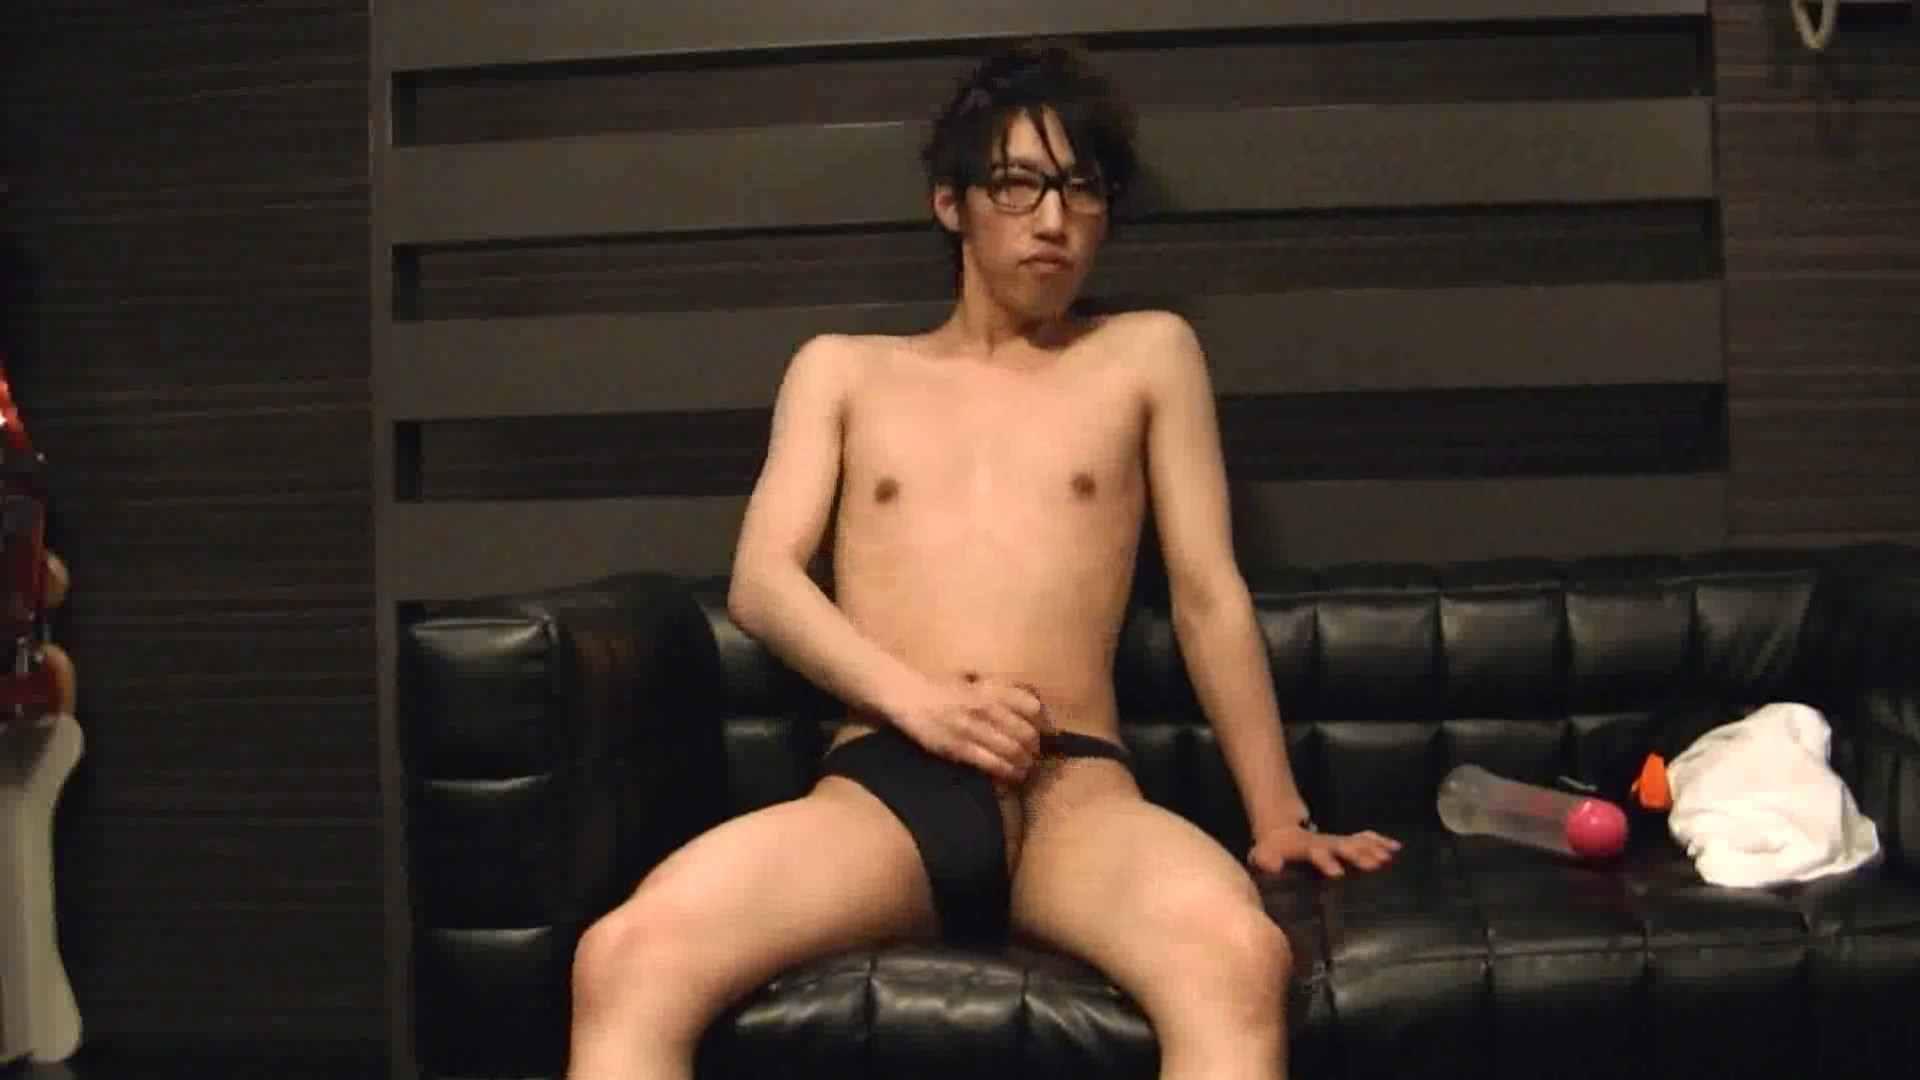 ONA見せカーニバル!! Vol3 ゲイのオナニー映像  103枚 44